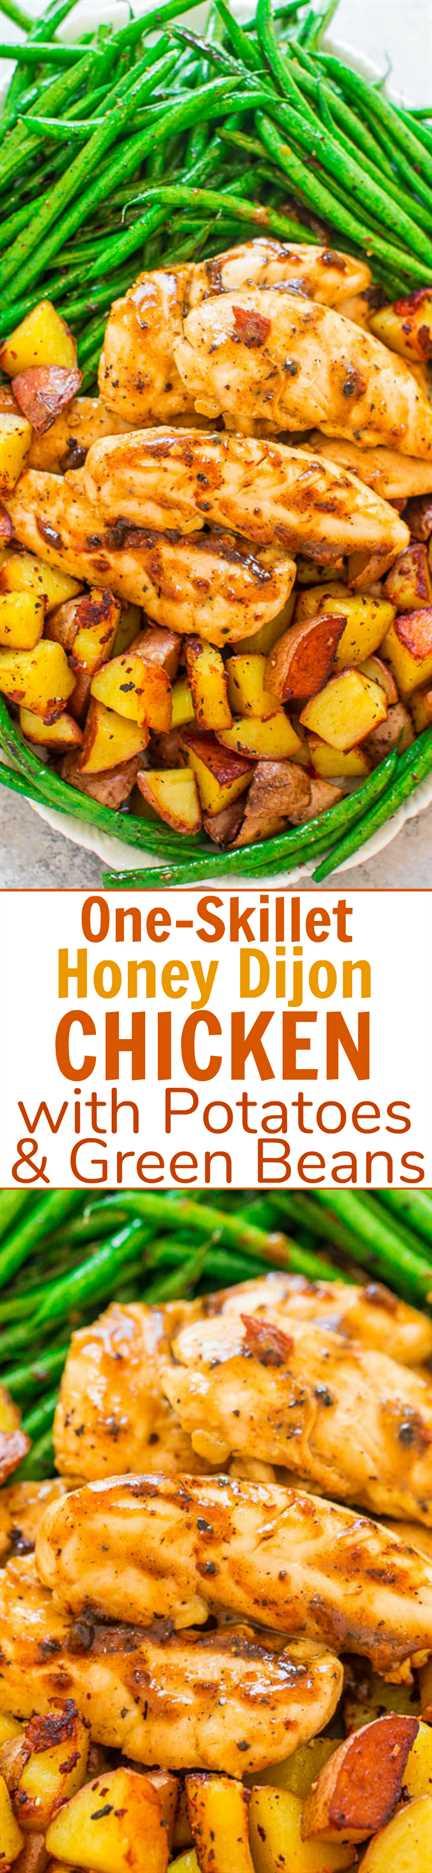 One-Skillet Honey Dijon Chicken, Green Beans and Potatoes - ¡Una receta FÁCIL de una sartén que está lista en 20 minutos! ¡Pollo jugoso, papas crujientes y judías verdes tiernas y crujientes para ganar! ¡Ideal para entretenidas noches de semana o citas nocturnas!